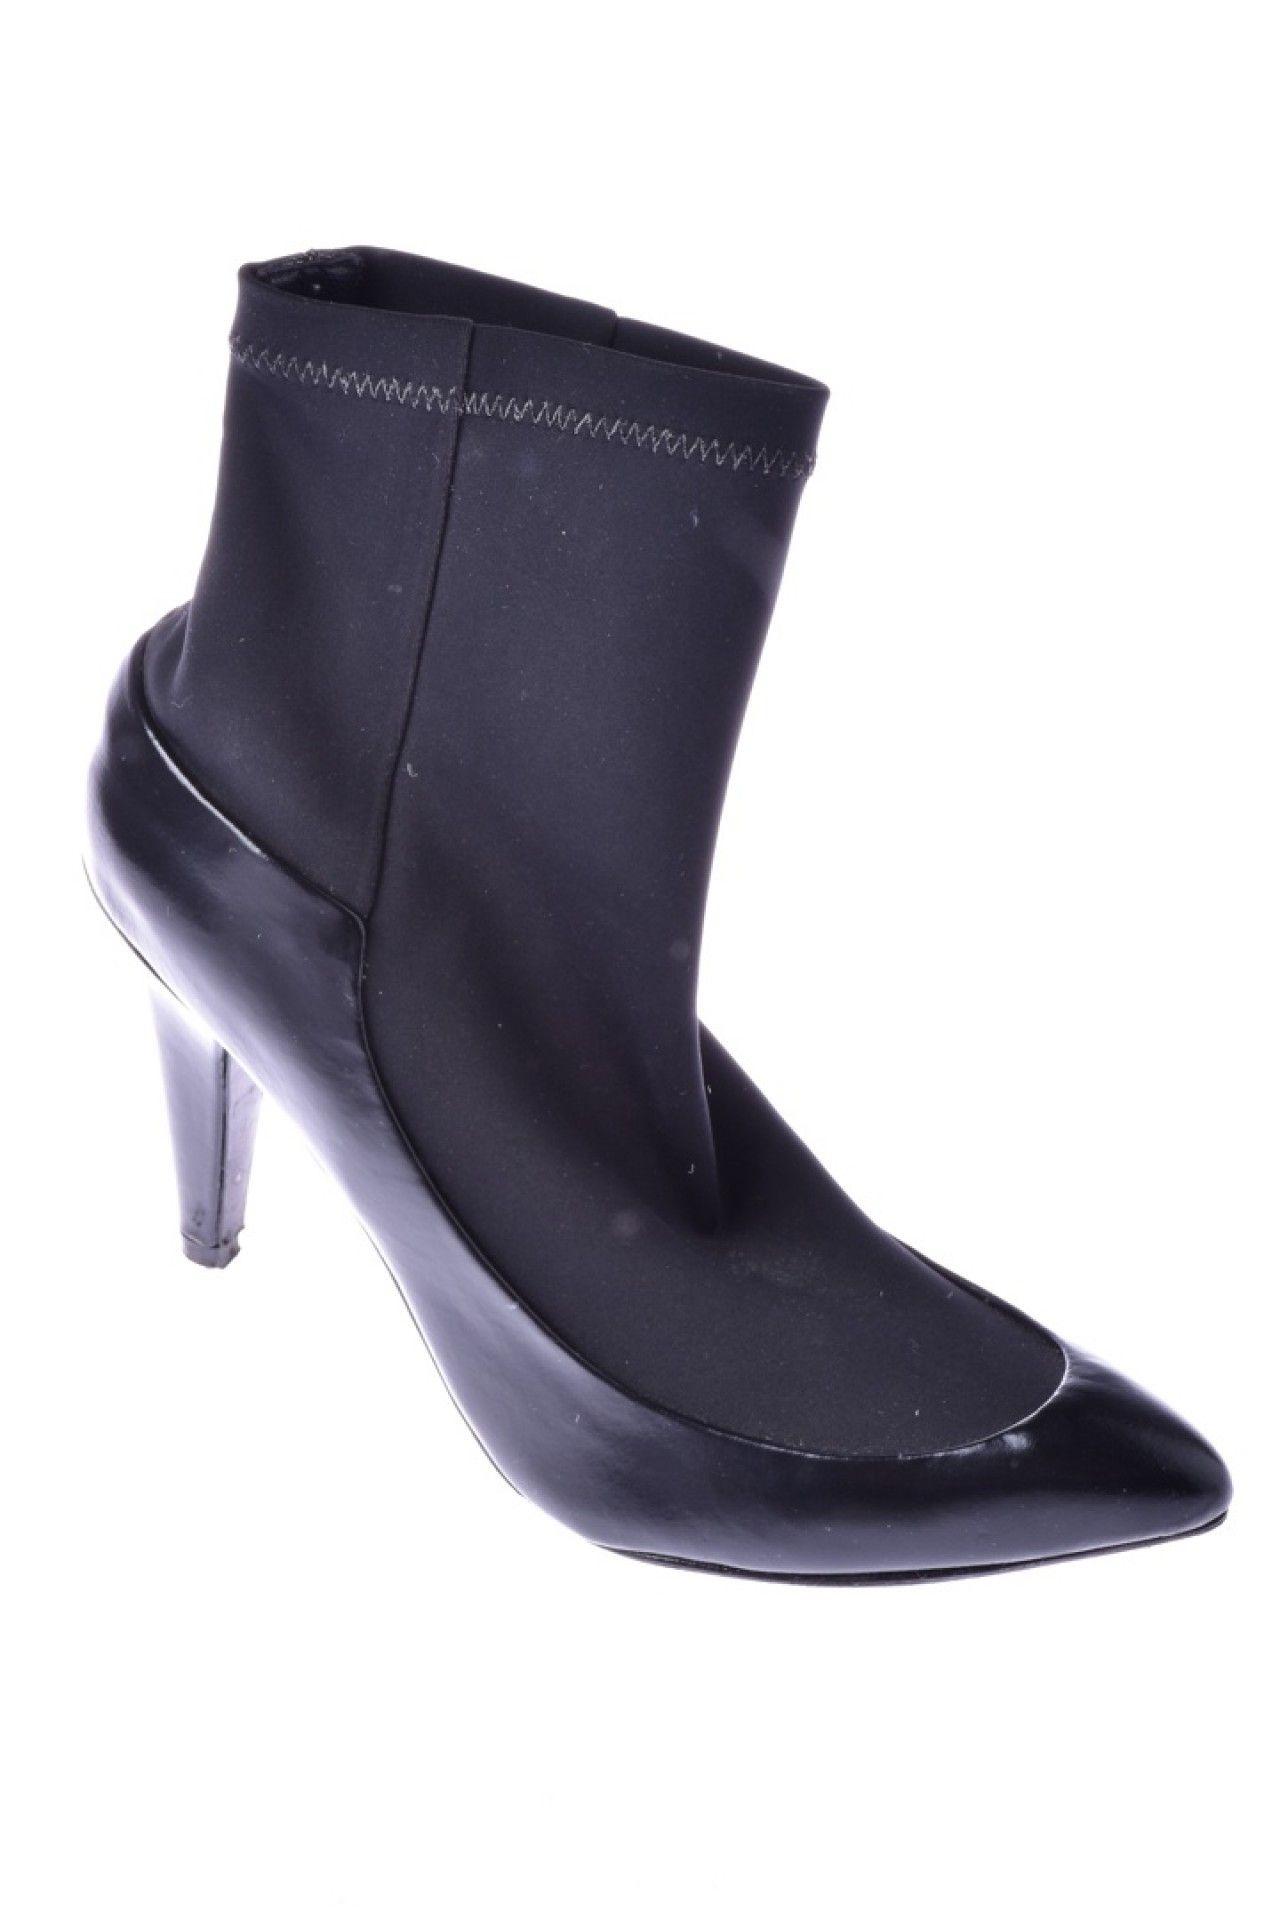 Tufi Duek - Sapato Preto Tecido  - Foto 1